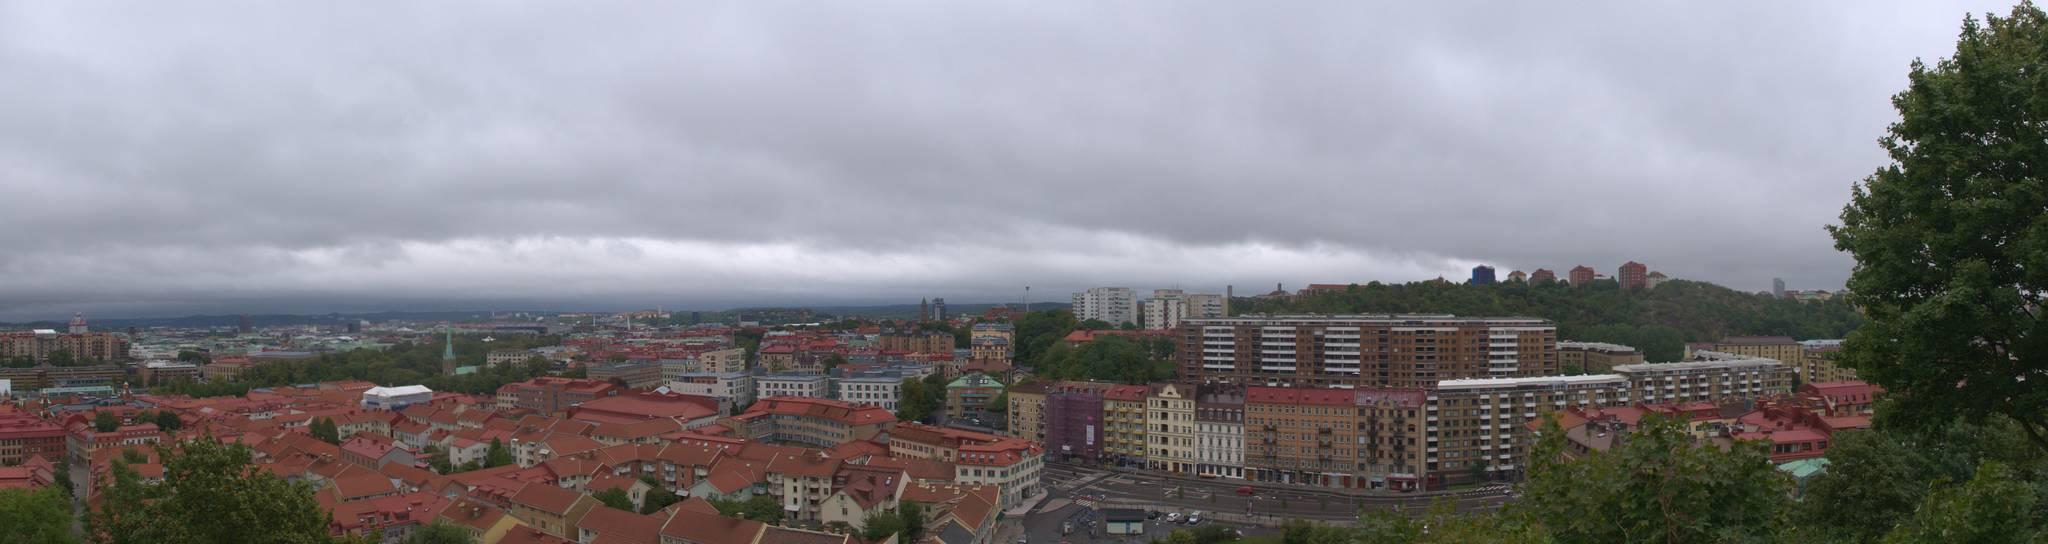 panoramka z miejsca znanego jako Skansen